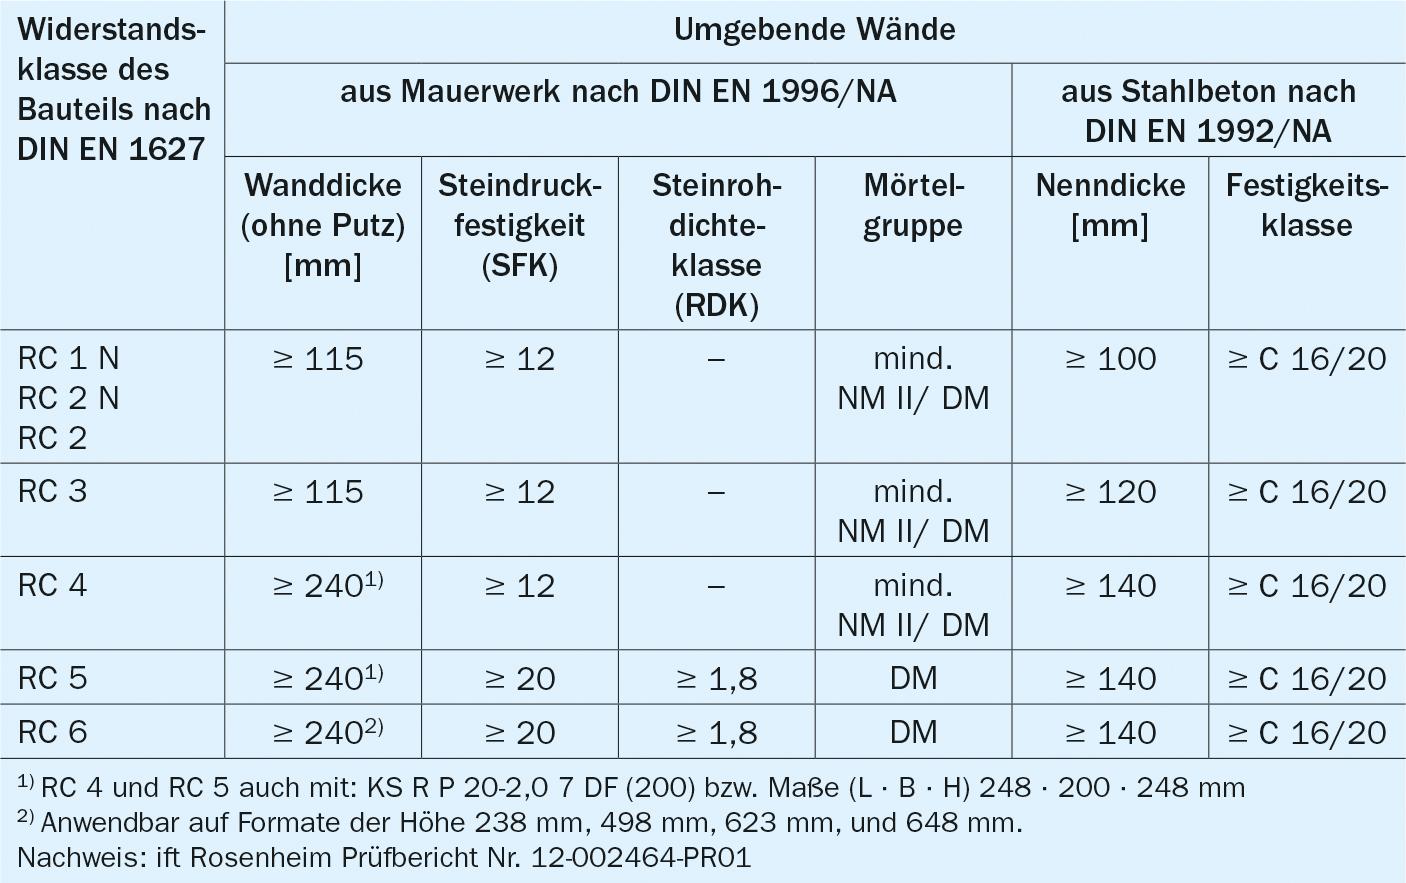 Full Size of Einbruchhemmung Fenster Rostock Neue Kosten Herne De Rehau Plissee Rundes Sicherheitsfolie Test Dampfreiniger Holz Alu Fenster Rc3 Fenster